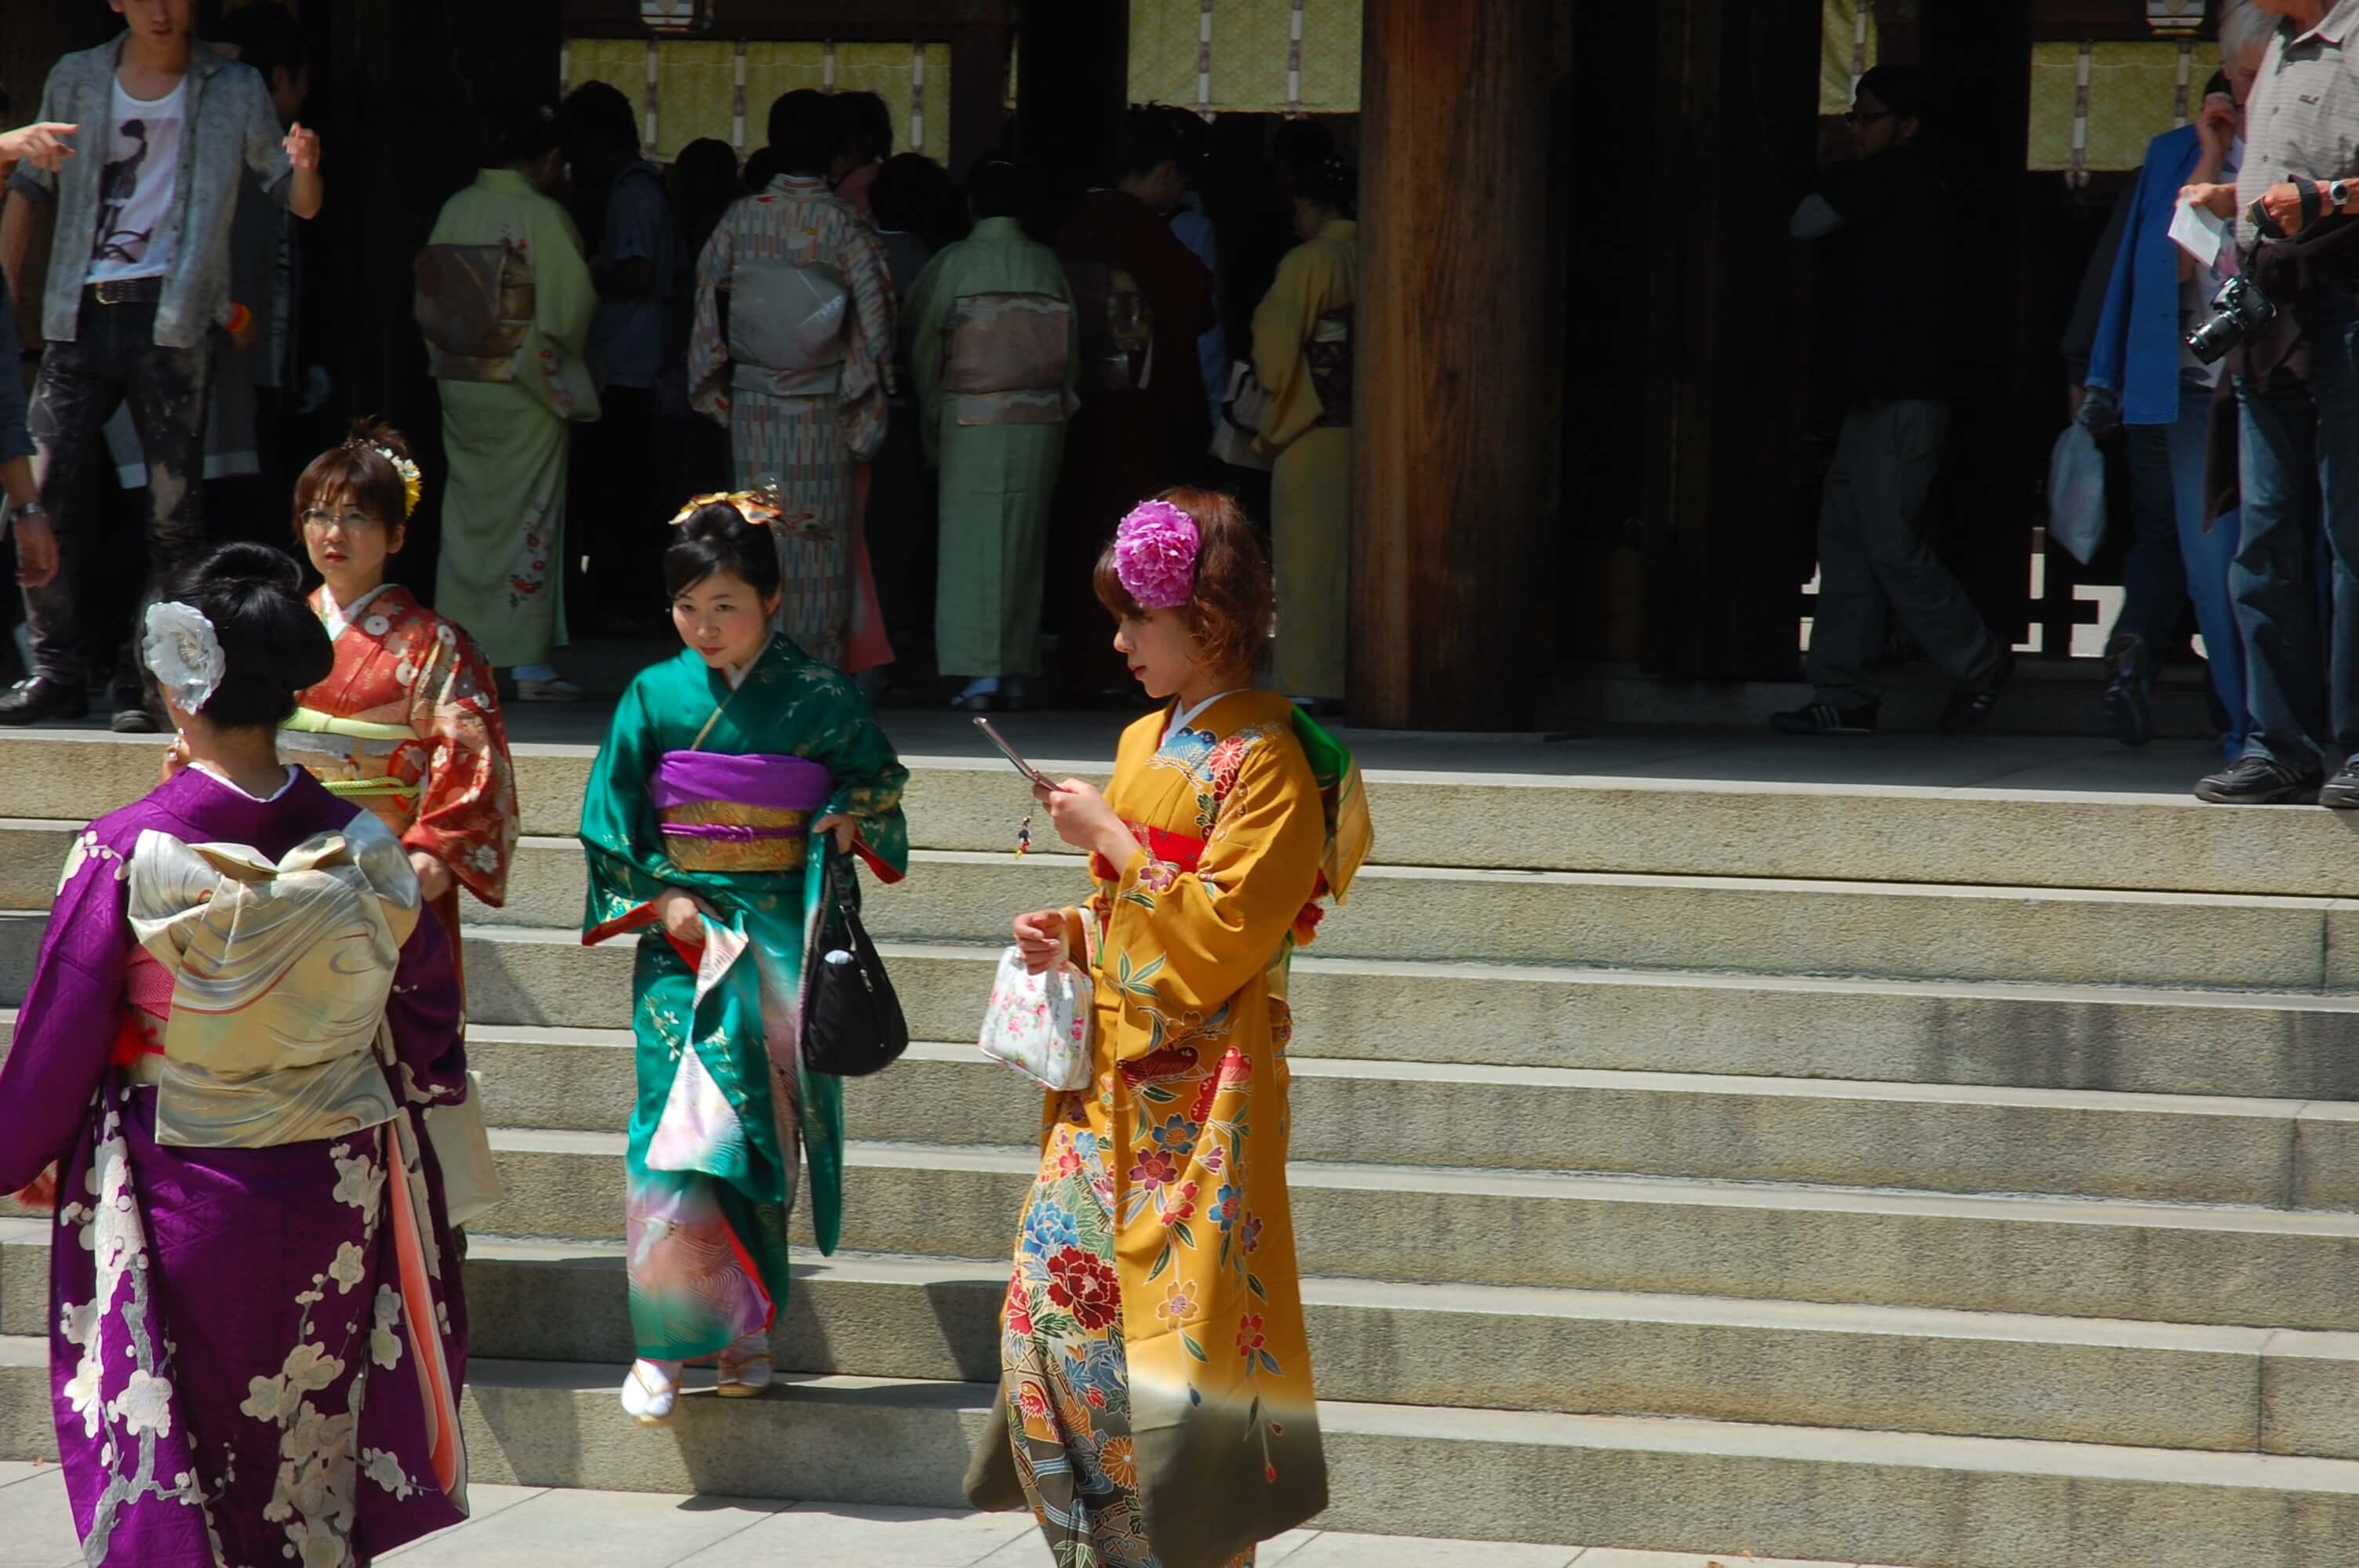 Que faire à Tokyo si on est féru d'histoire et de culture ? Se rendre à Jindai Motomachi pour découvrir la capitale japonaise sous un autre angle, sur les traces d'Edo, le nom donné jadis à Tokyo.